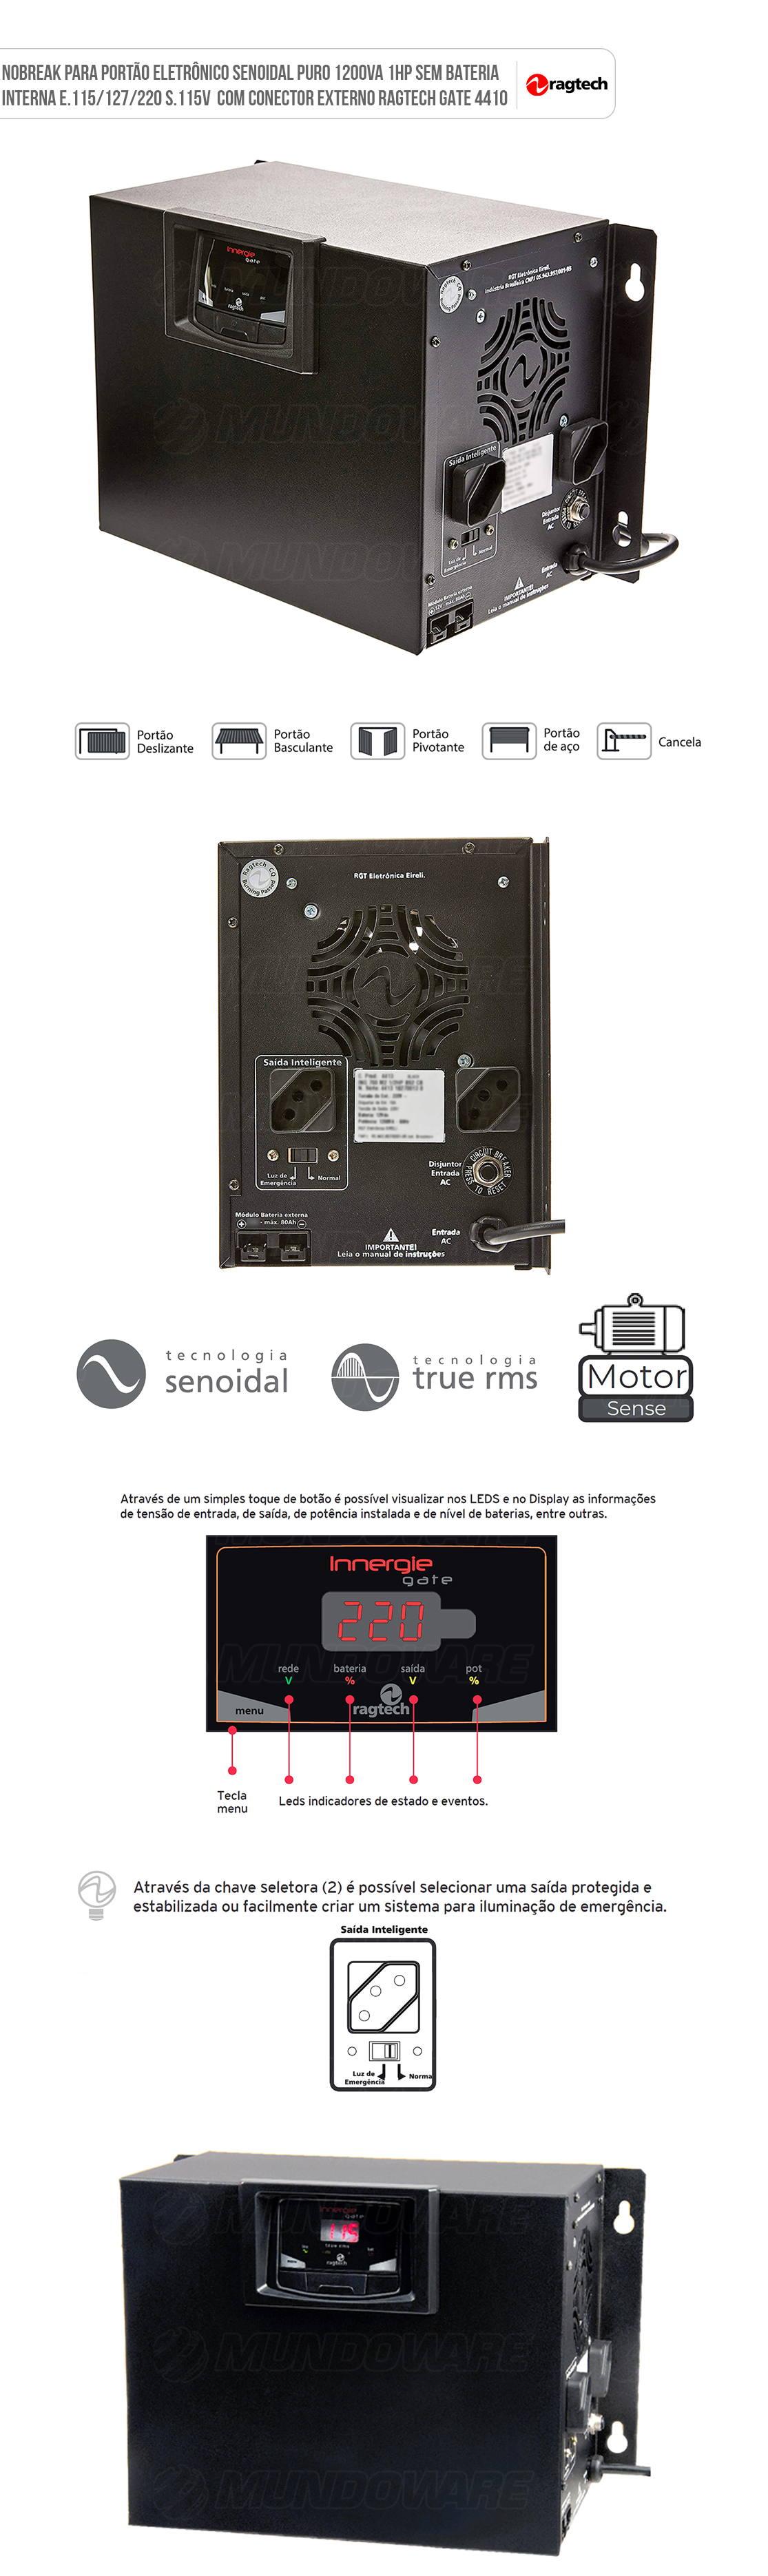 Nobreak para Portão Eletrônico Senoidal 1200 VA 1HP E.115/127/220 S.115V Sem Bateria Interna com Engate para Bateria Externa Ragtech Innergie Gate 4410